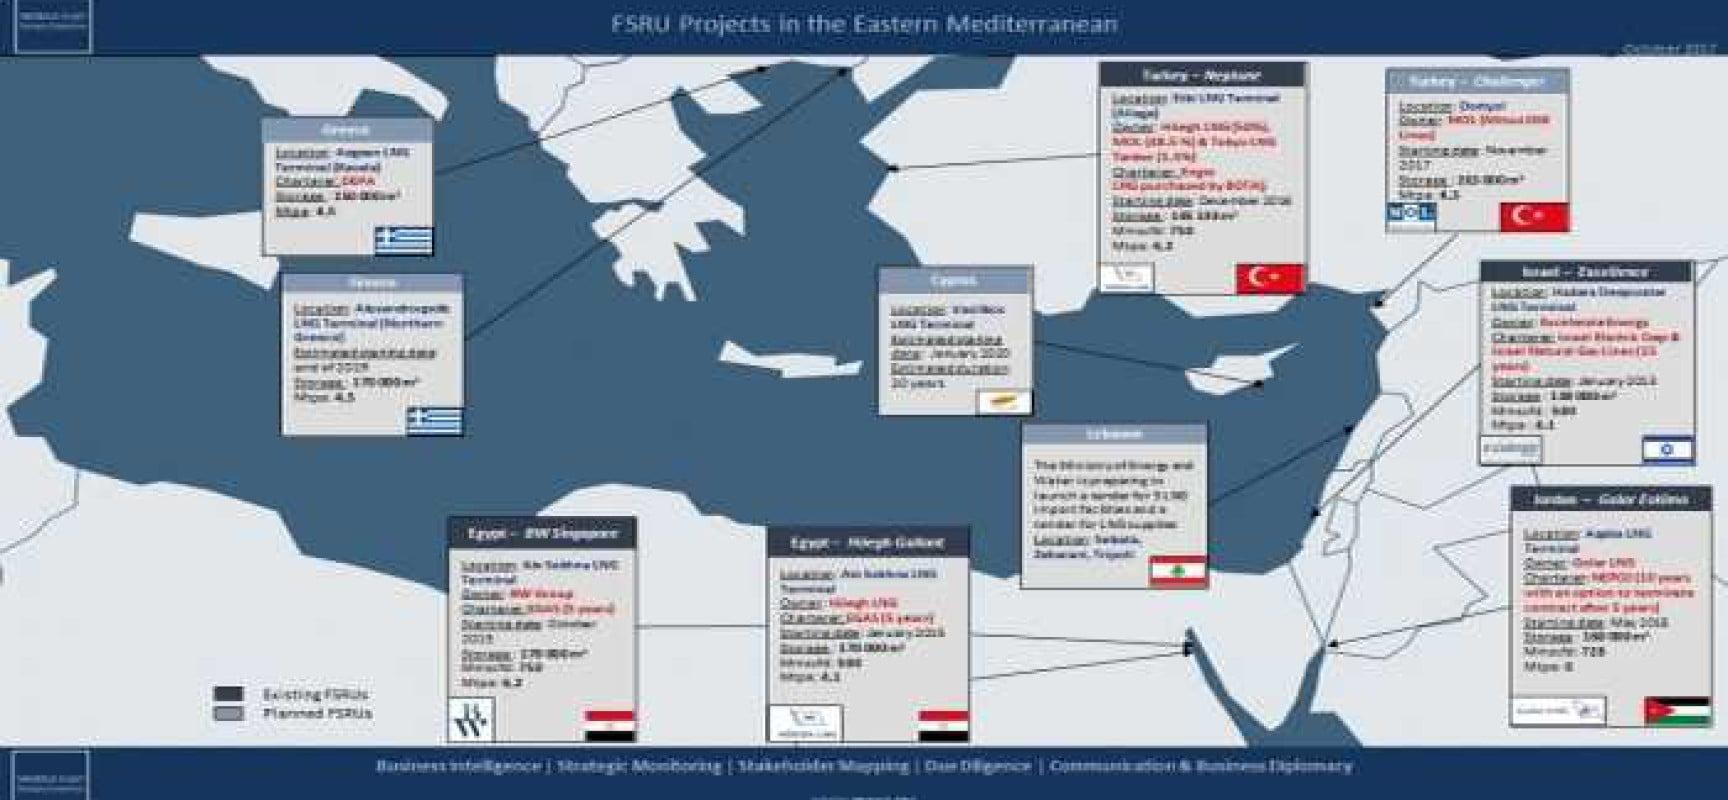 Φυσικό αέριο στην Ανατολική Μεσόγειο: Η Αίγυπτος κυρίαρχη του παιχνιδιού